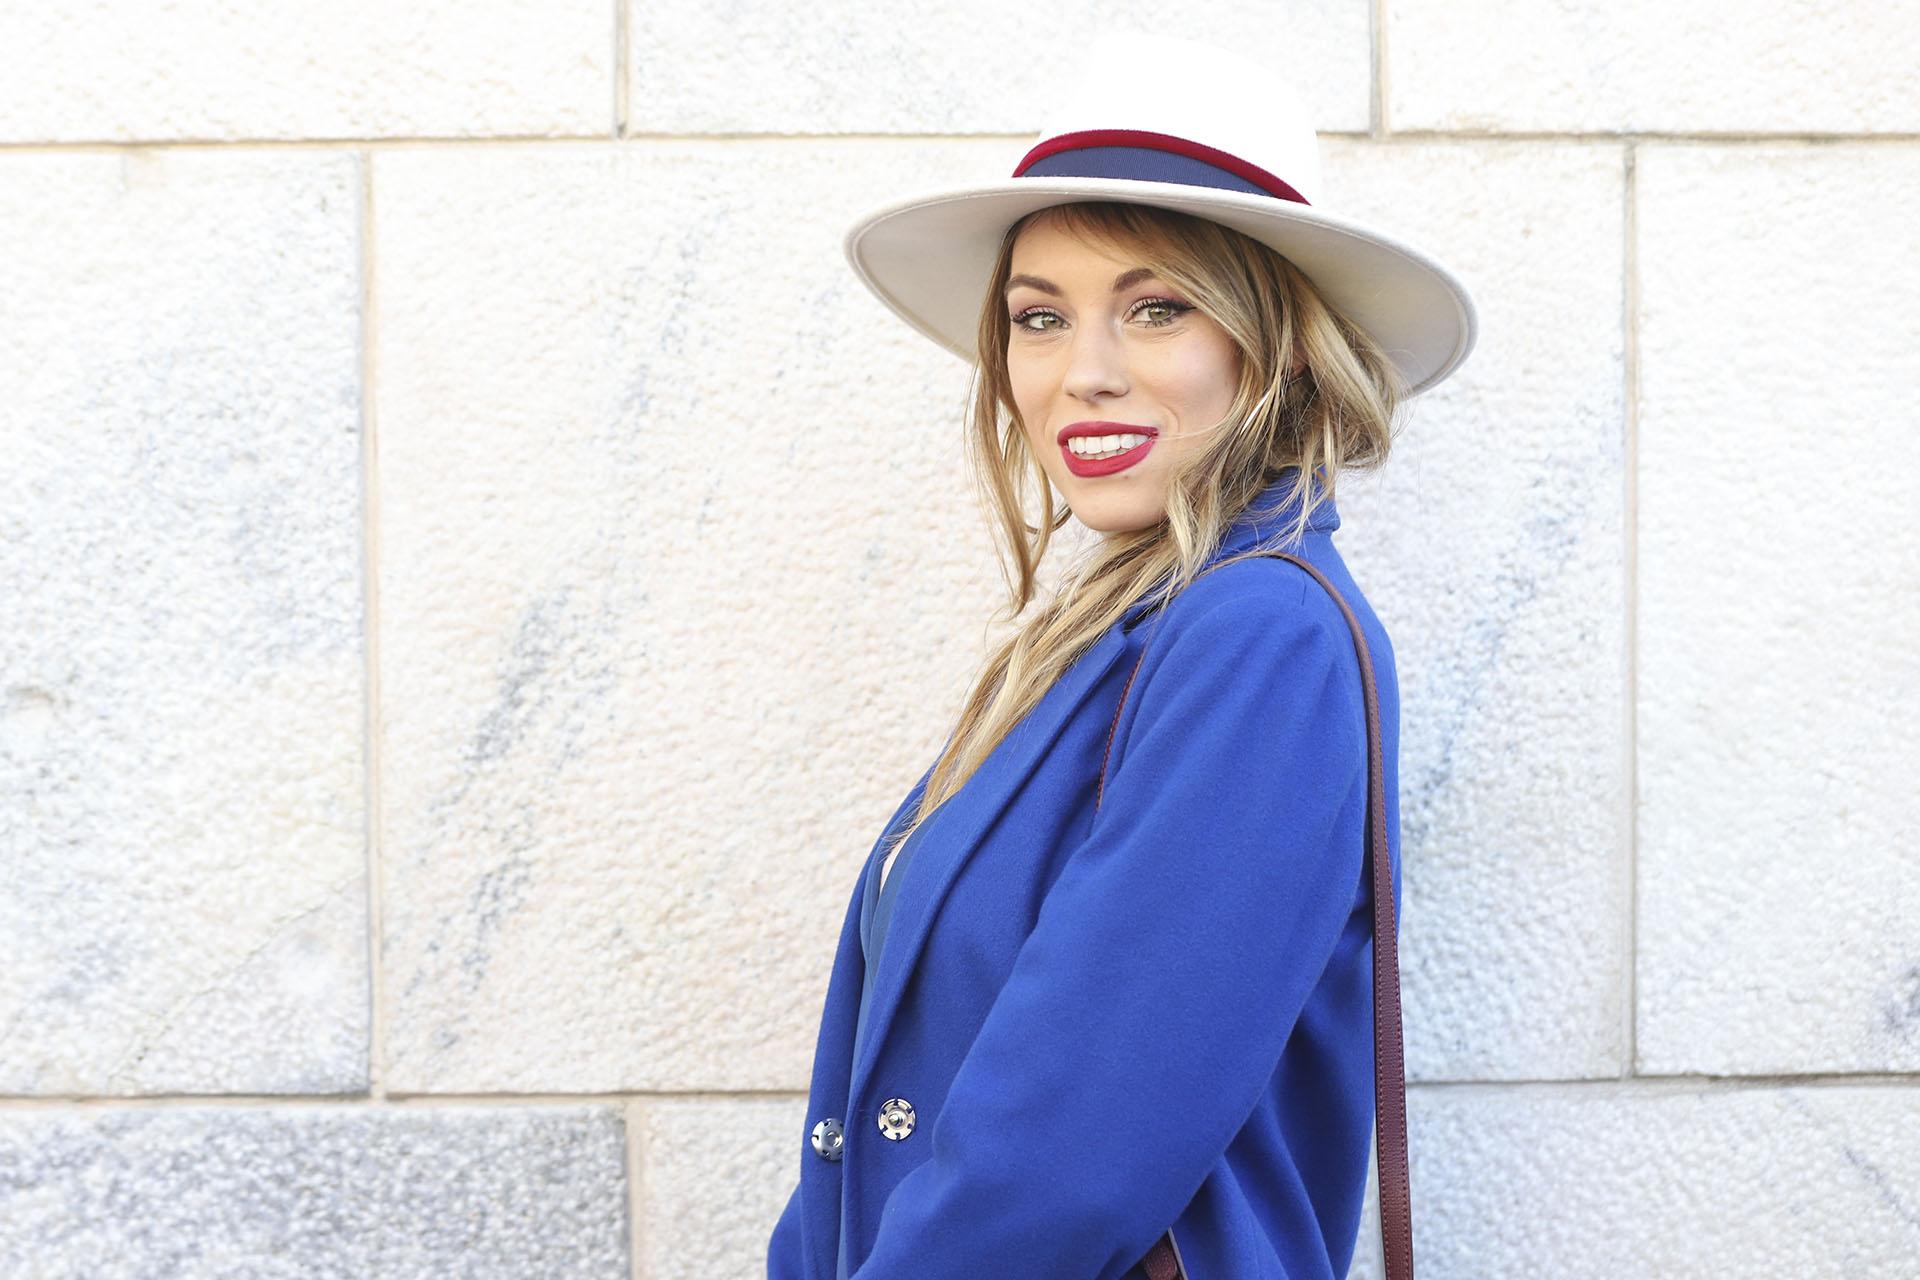 Los sombreros de ala ancha otro aliado para vestir y completar los looks